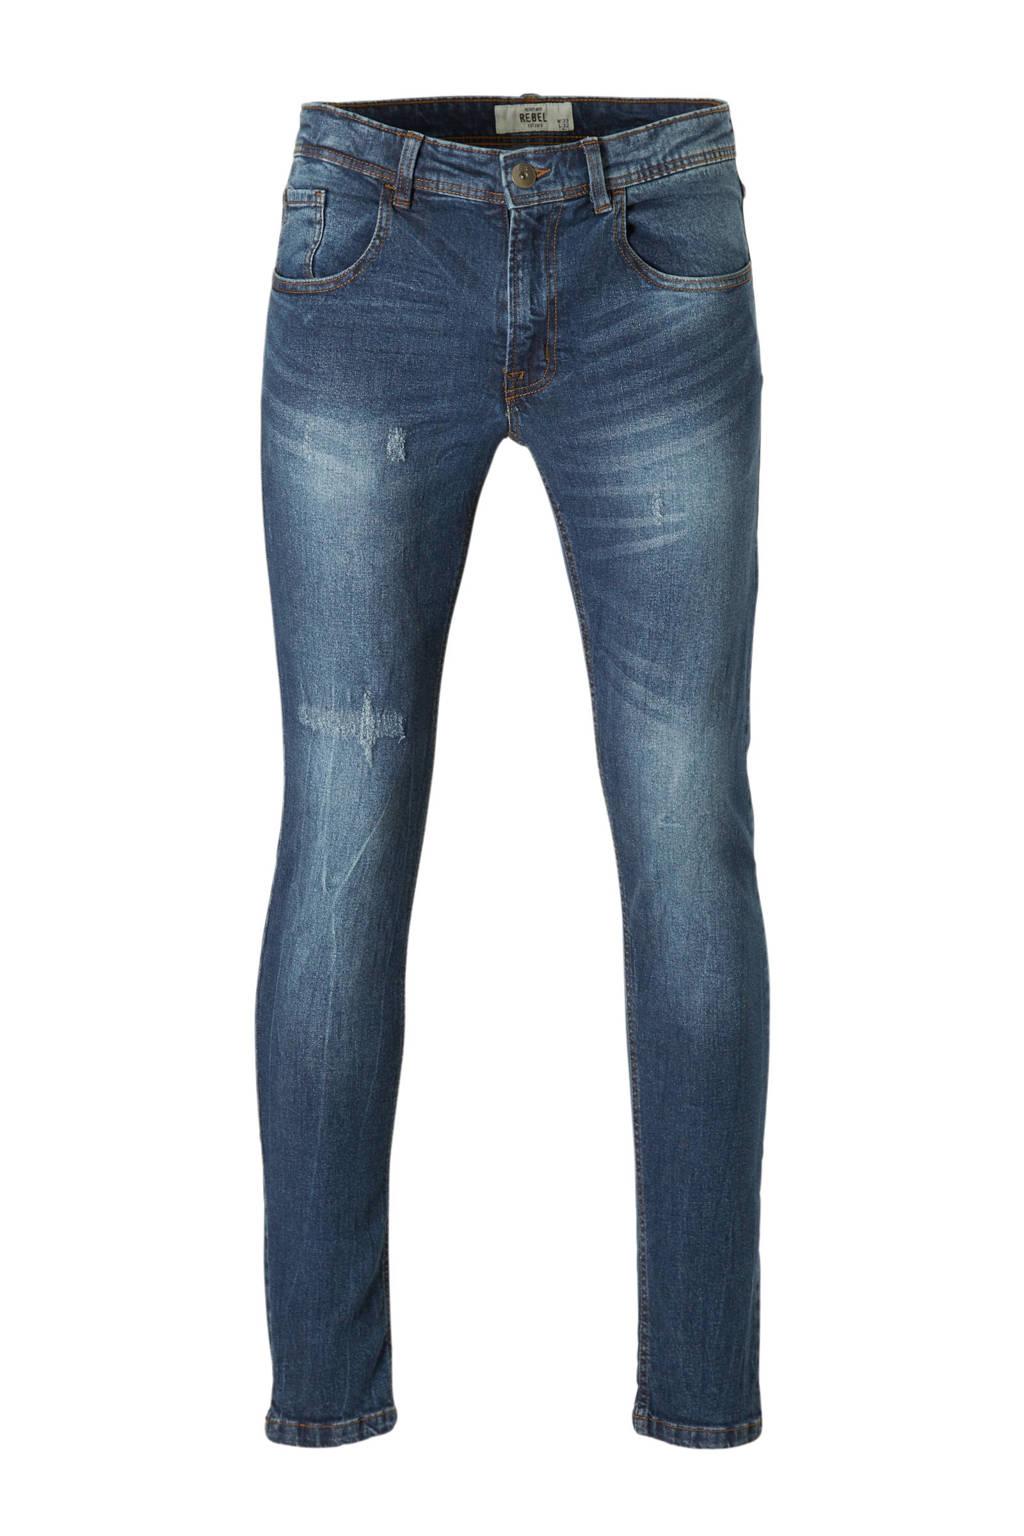 Redefined Rebel slim fit jeans Stockholm Destroy, Mosaic Blue